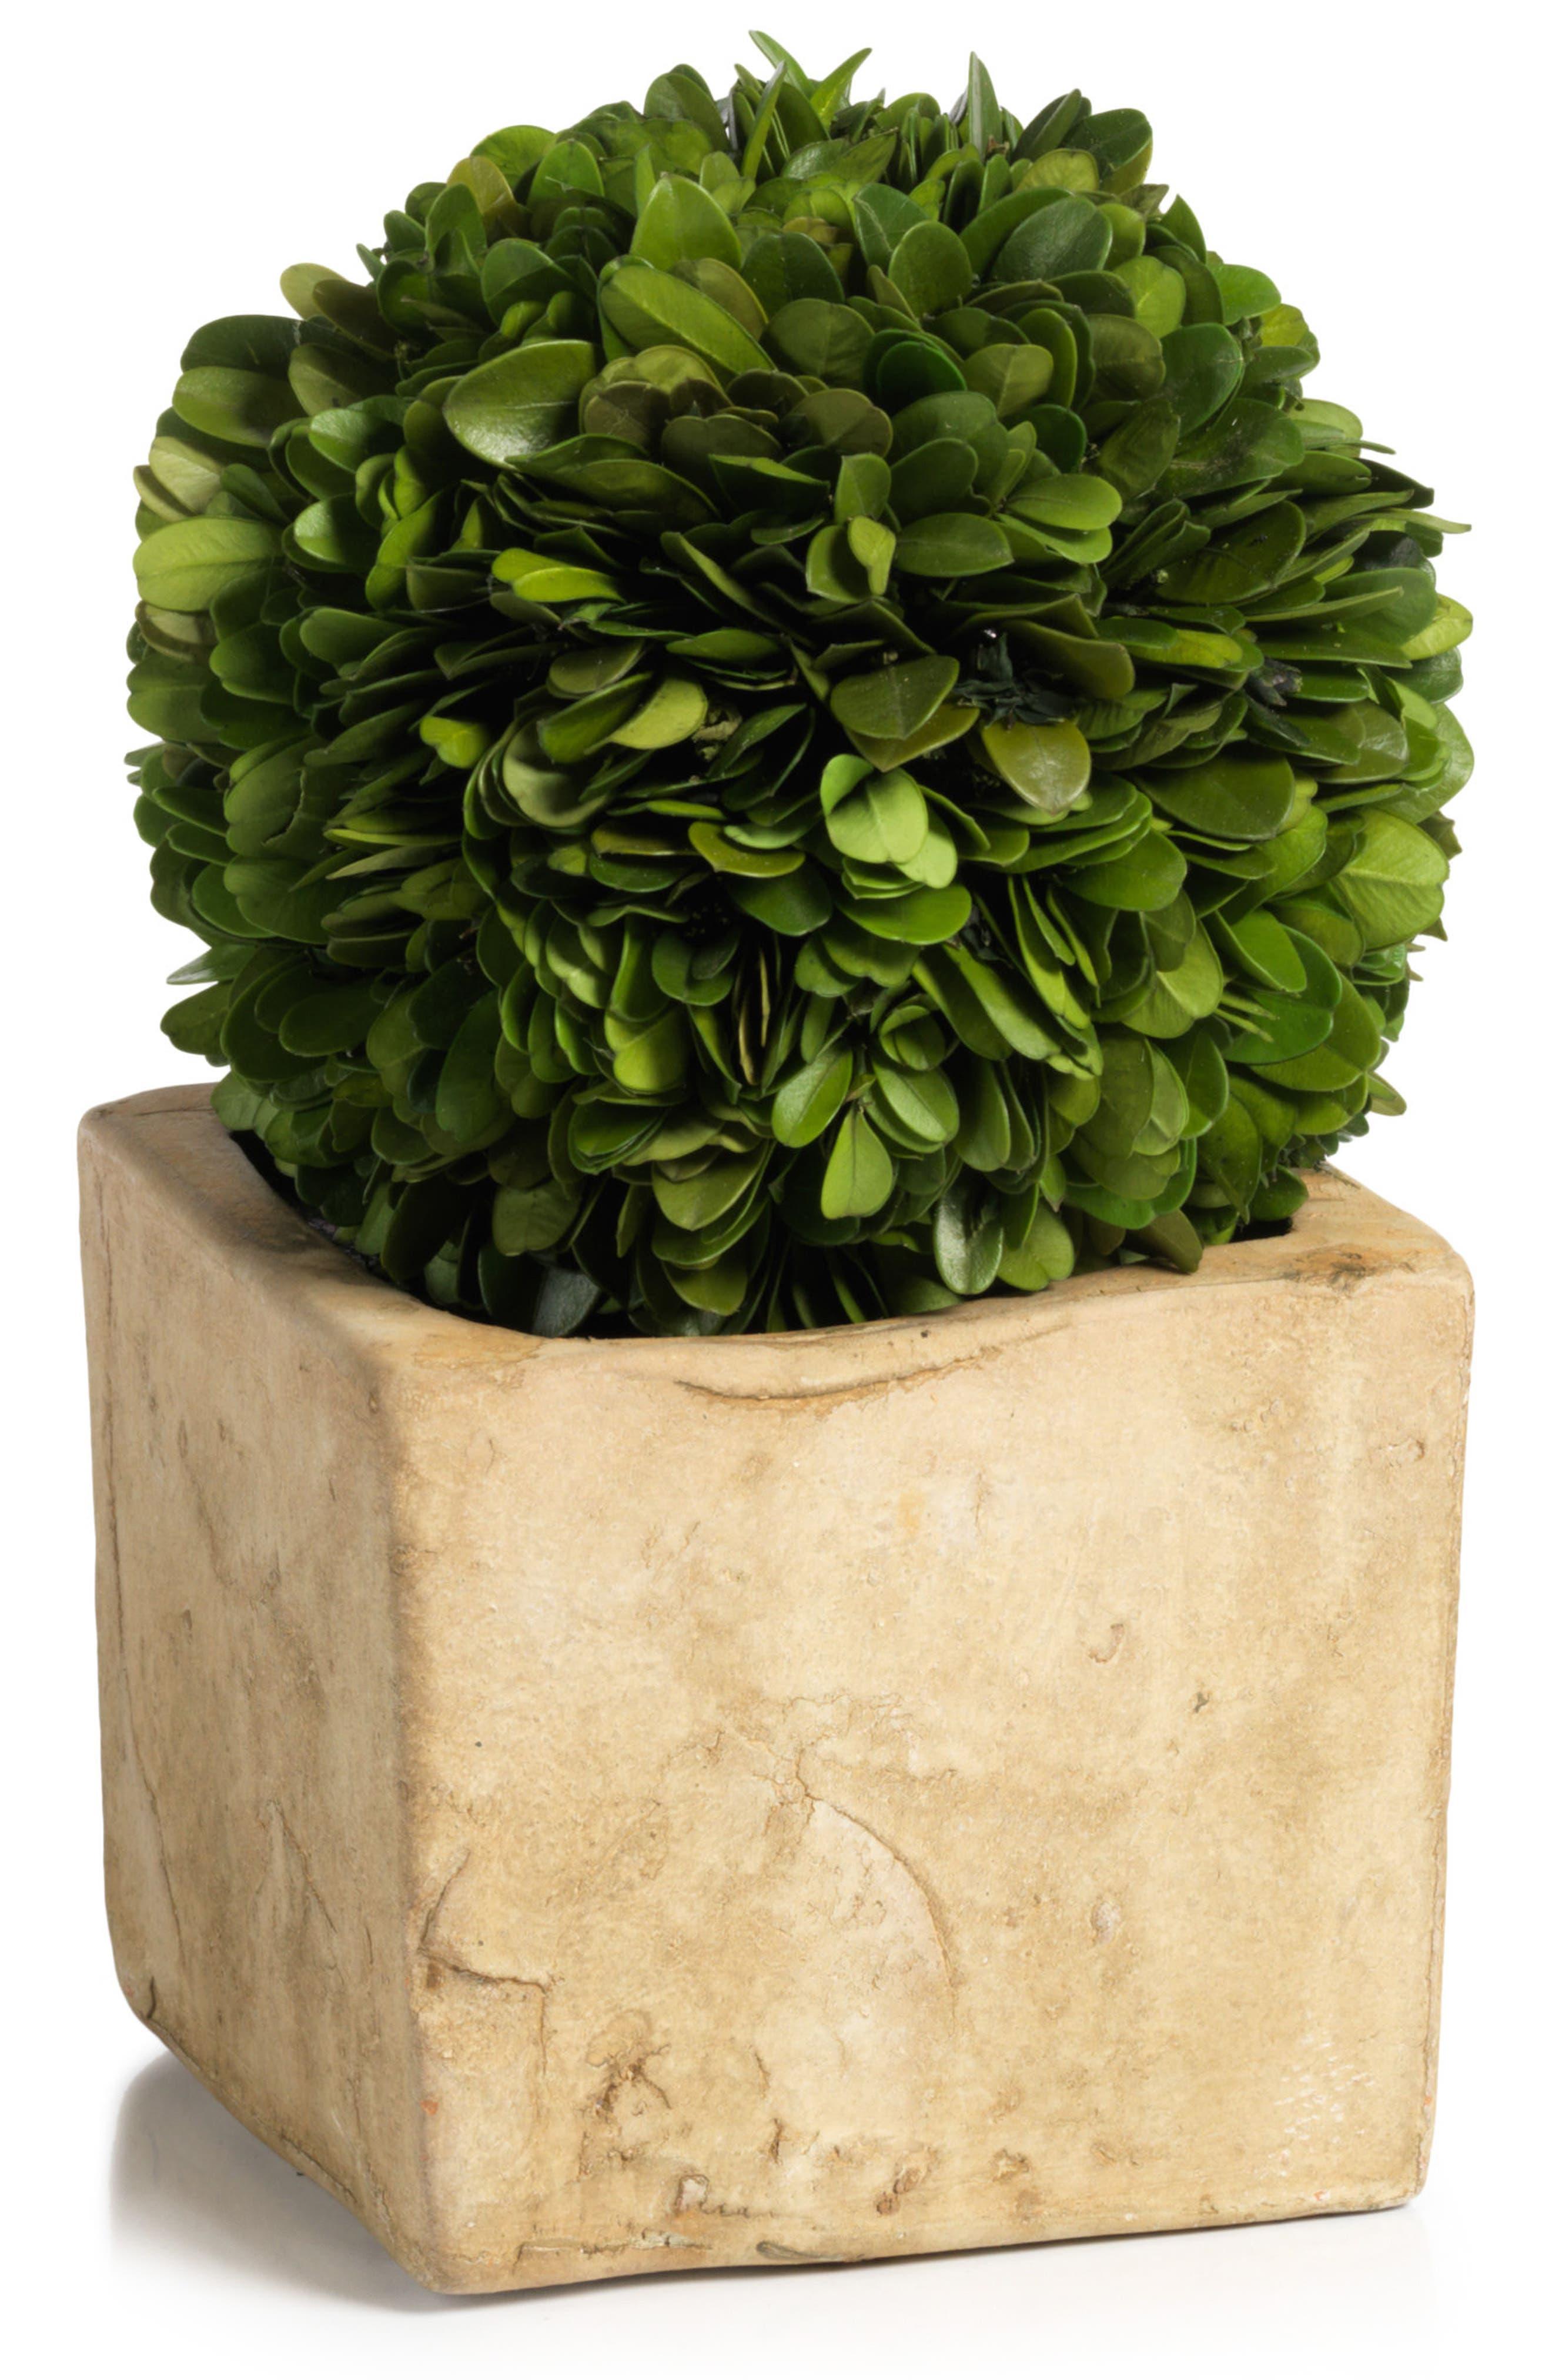 Zodax Carina Boxwood Topiary Decoration